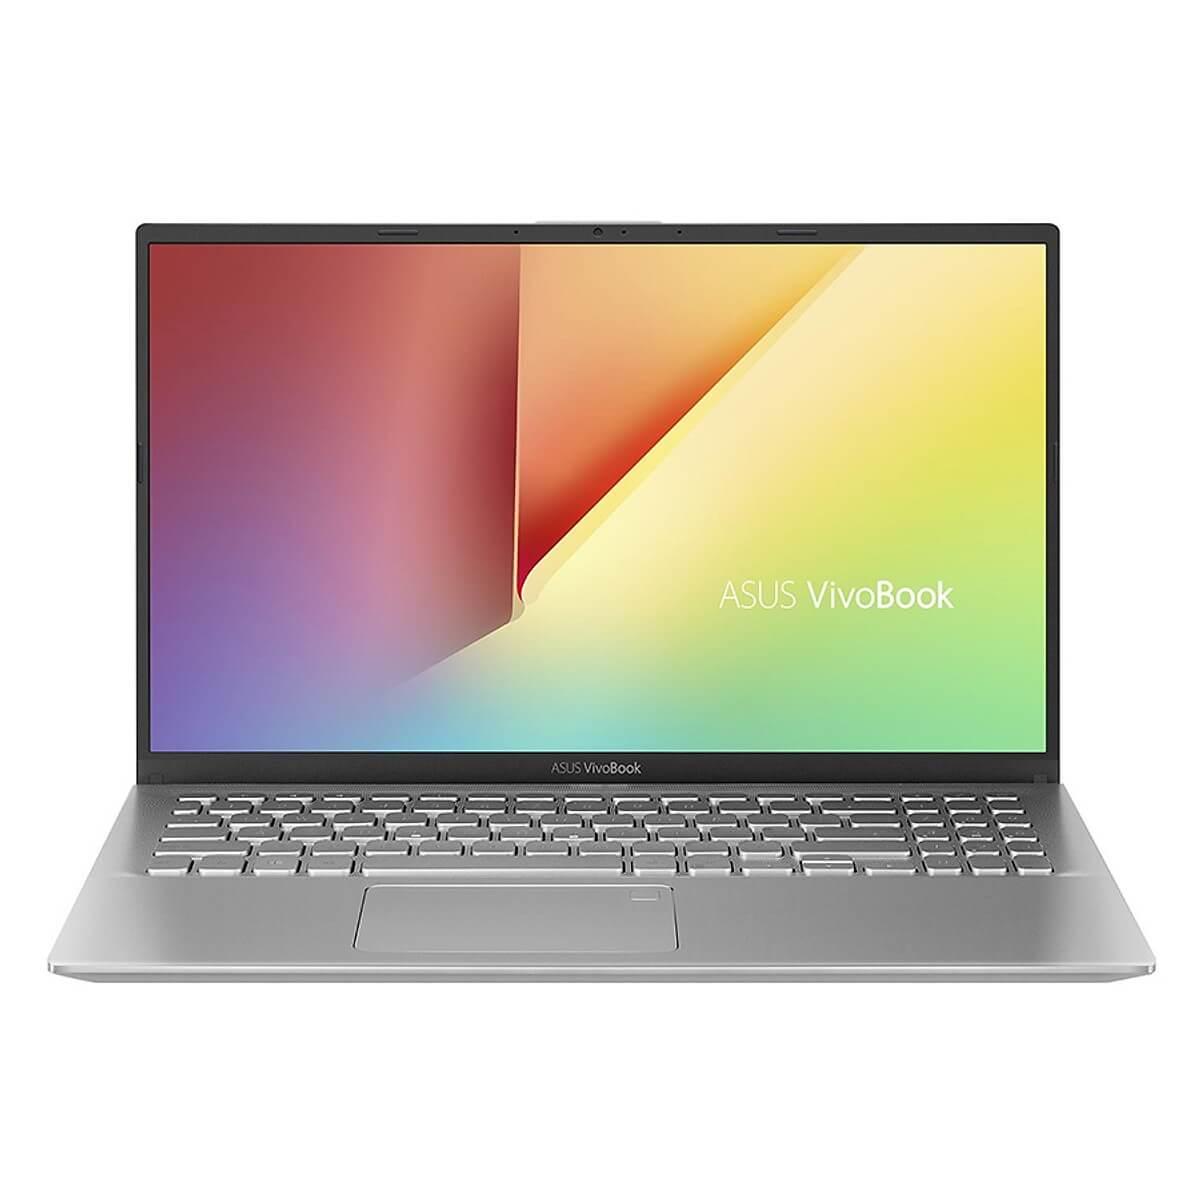 Laptop Asus Vivobook A512DA-EJ406T AMD R5-3500U, Ram 8GB, SSD 512GB, 15.6 Inch FHD